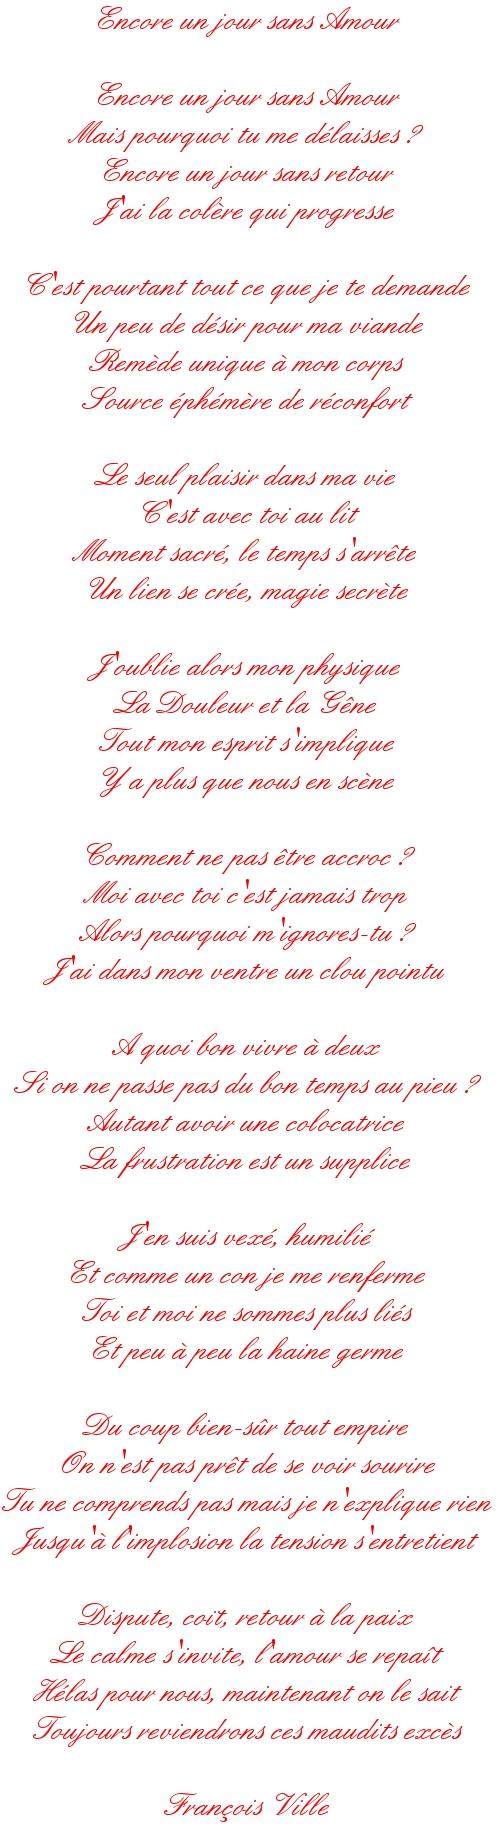 http://francoisville.free.fr/photos/encore%20un%20jour%20sans%20amour%20-%20francois%20ville.jpg